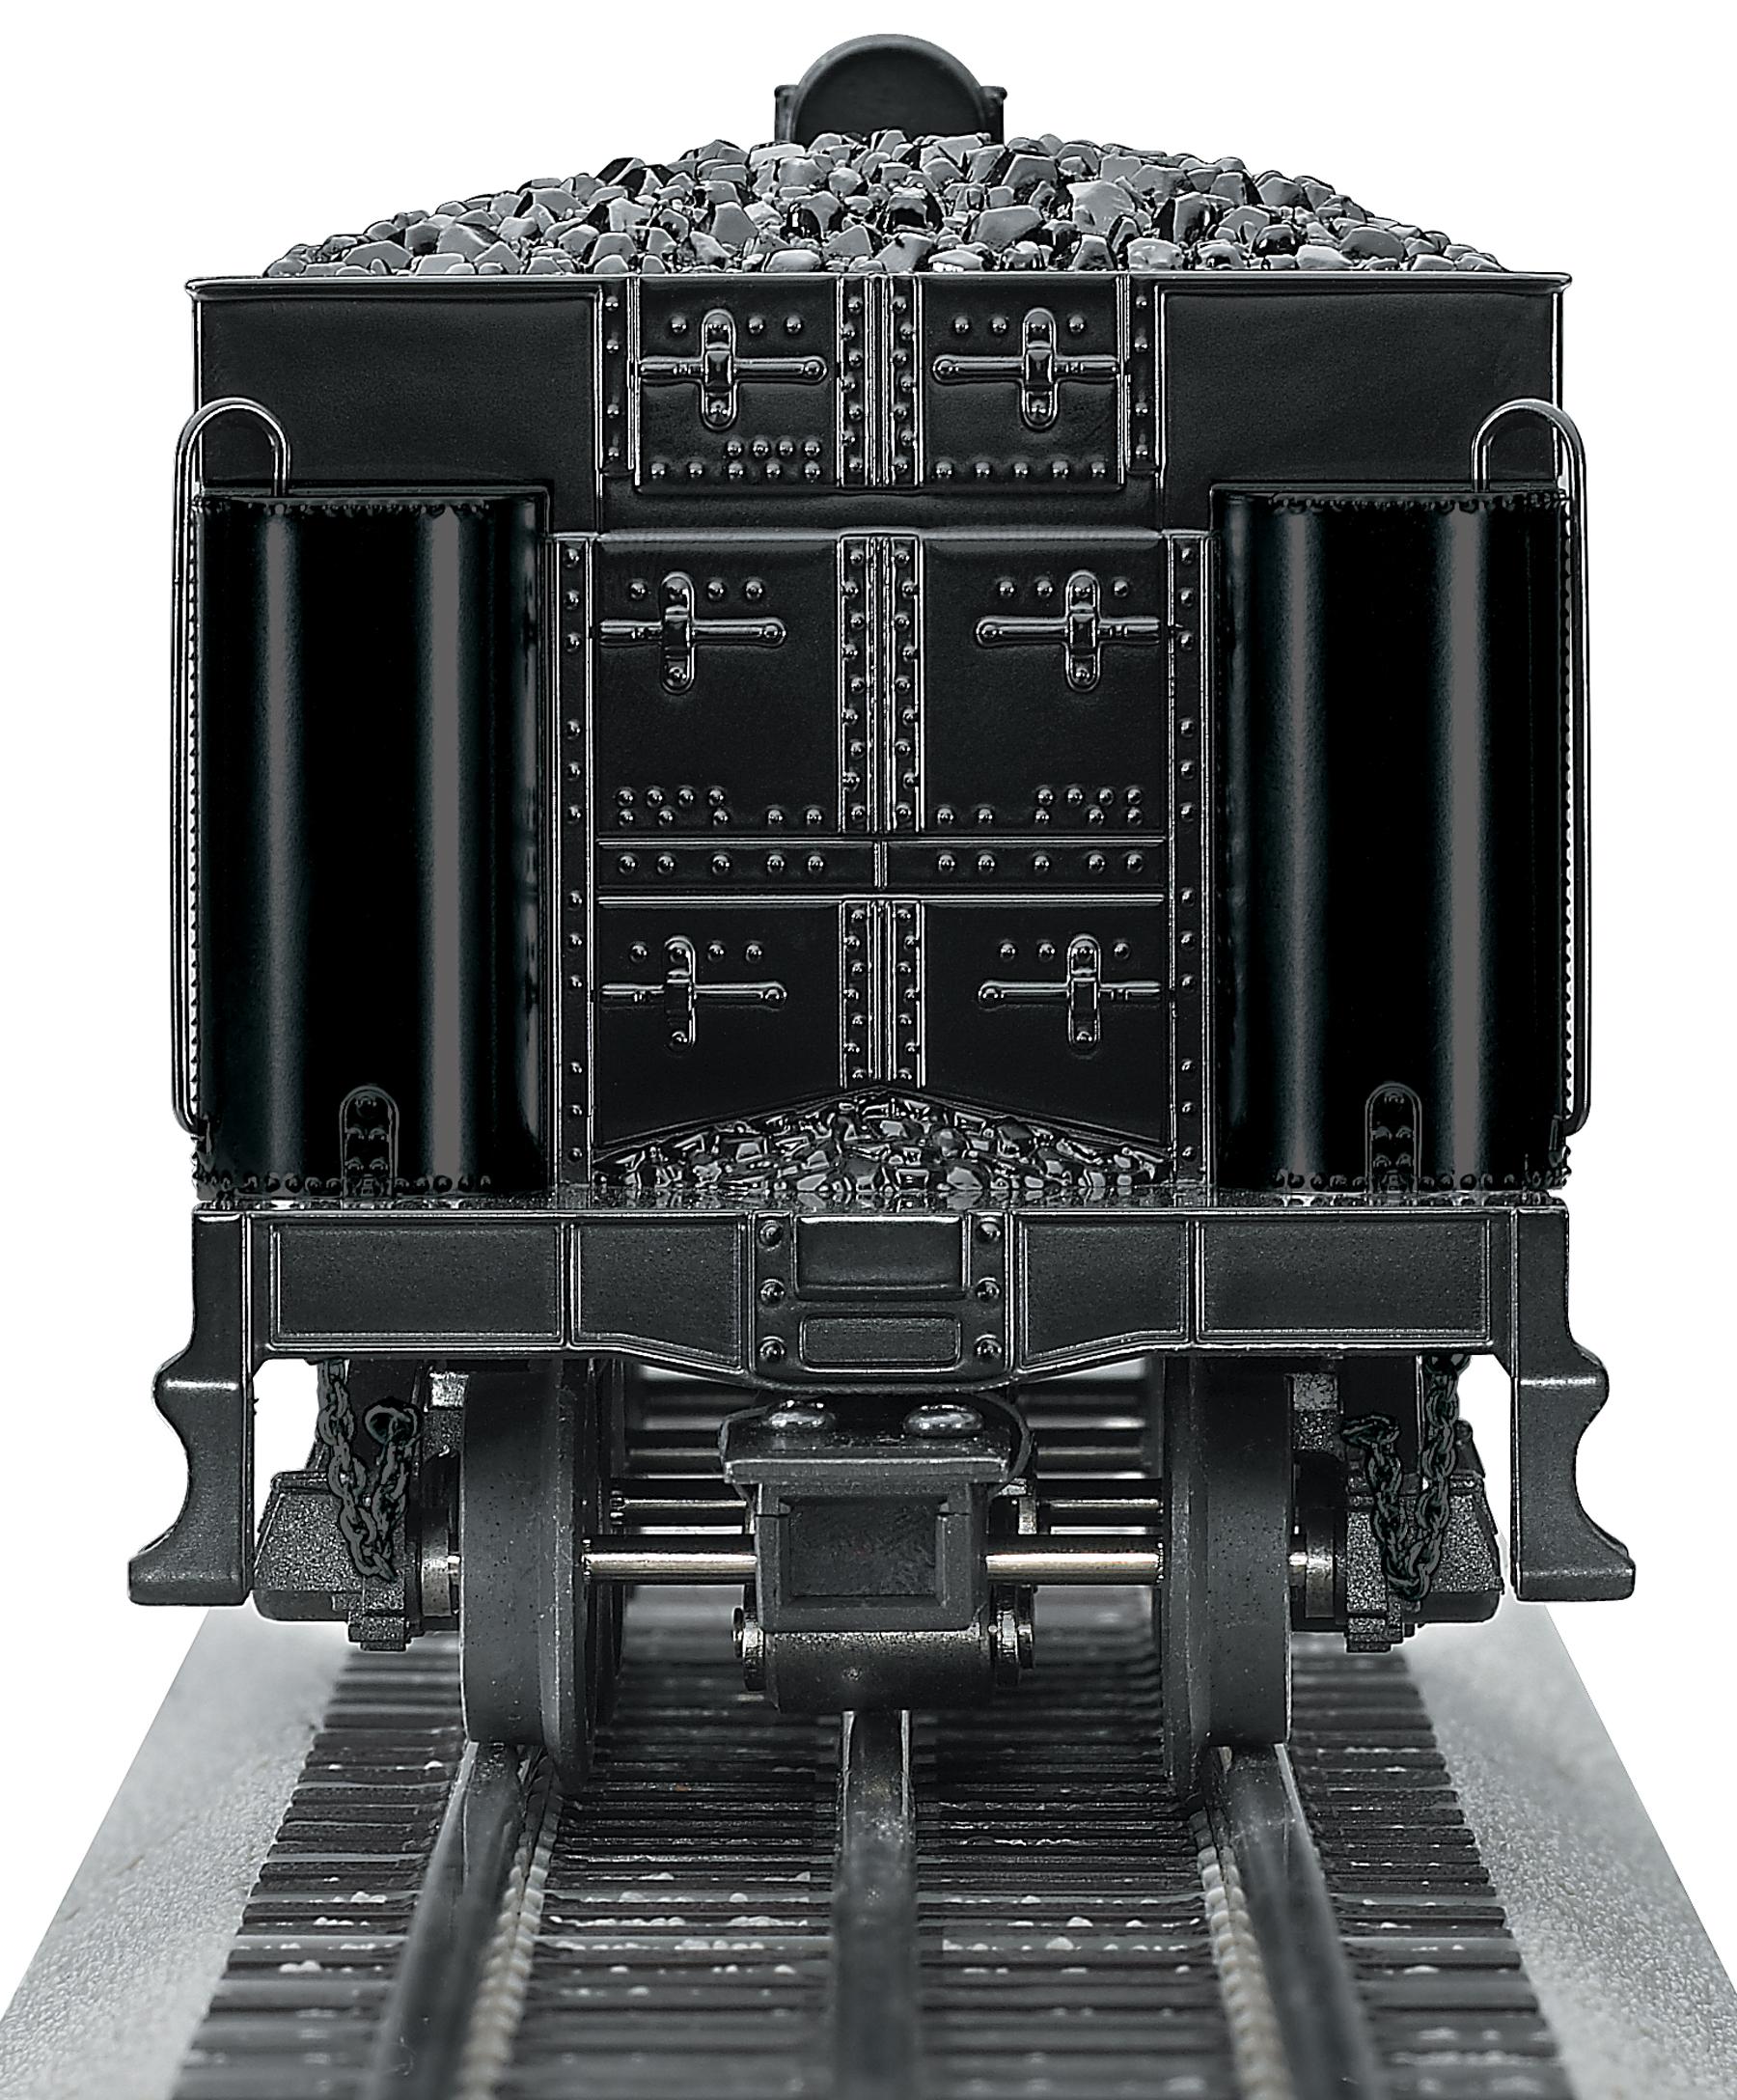 medium resolution of wabash tmcc scale 2 6 0 mogul steam locomotive 826 rh lionel com lionel locomotive parts diagram lionel motor wiring diagram